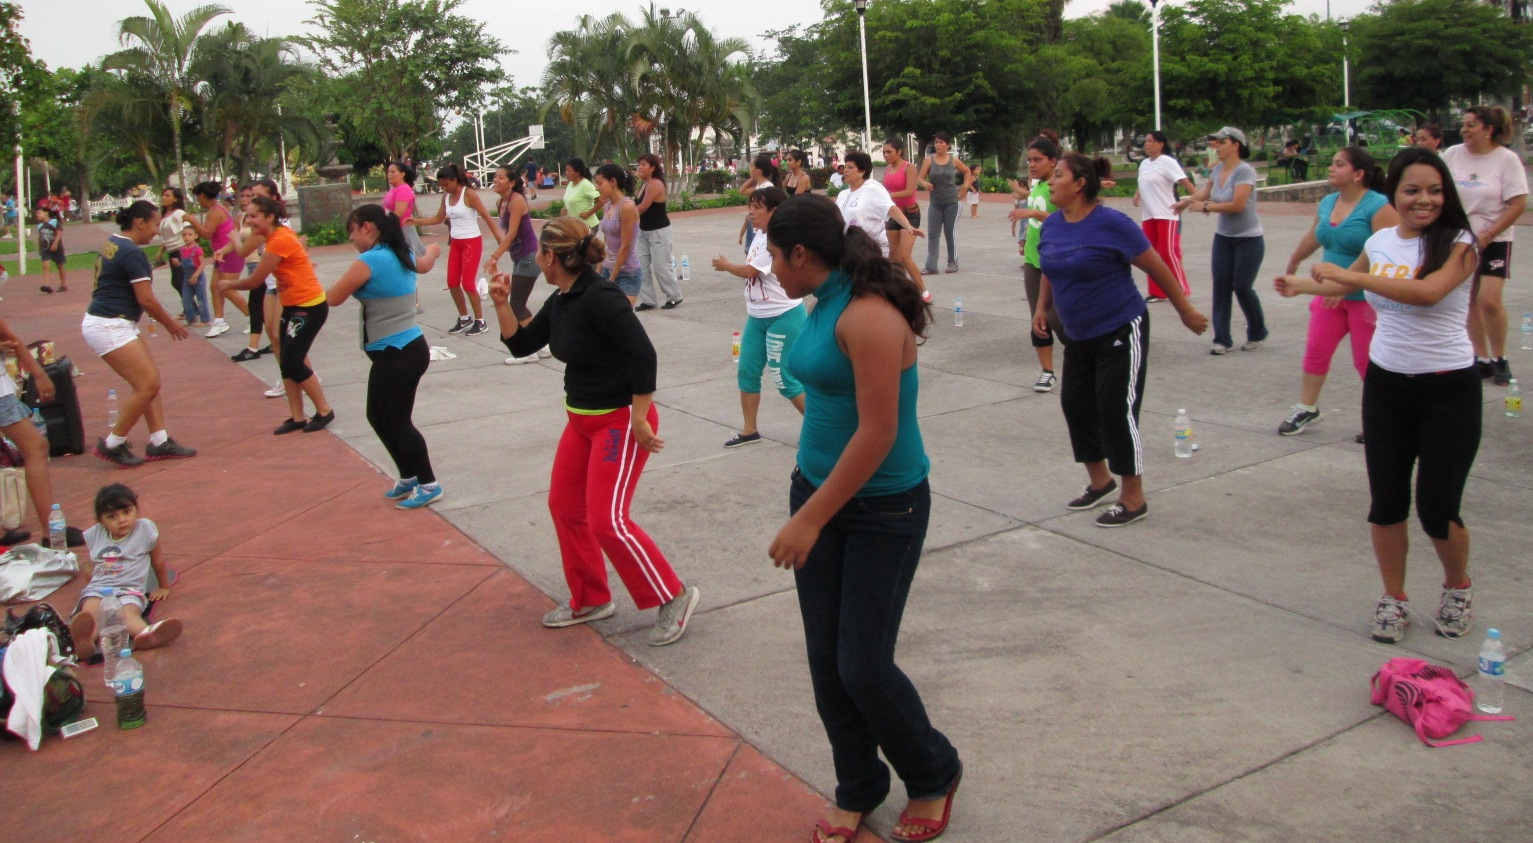 Gobcol participan colima y vdea en municipio activo for Jardin de villa de alvarez